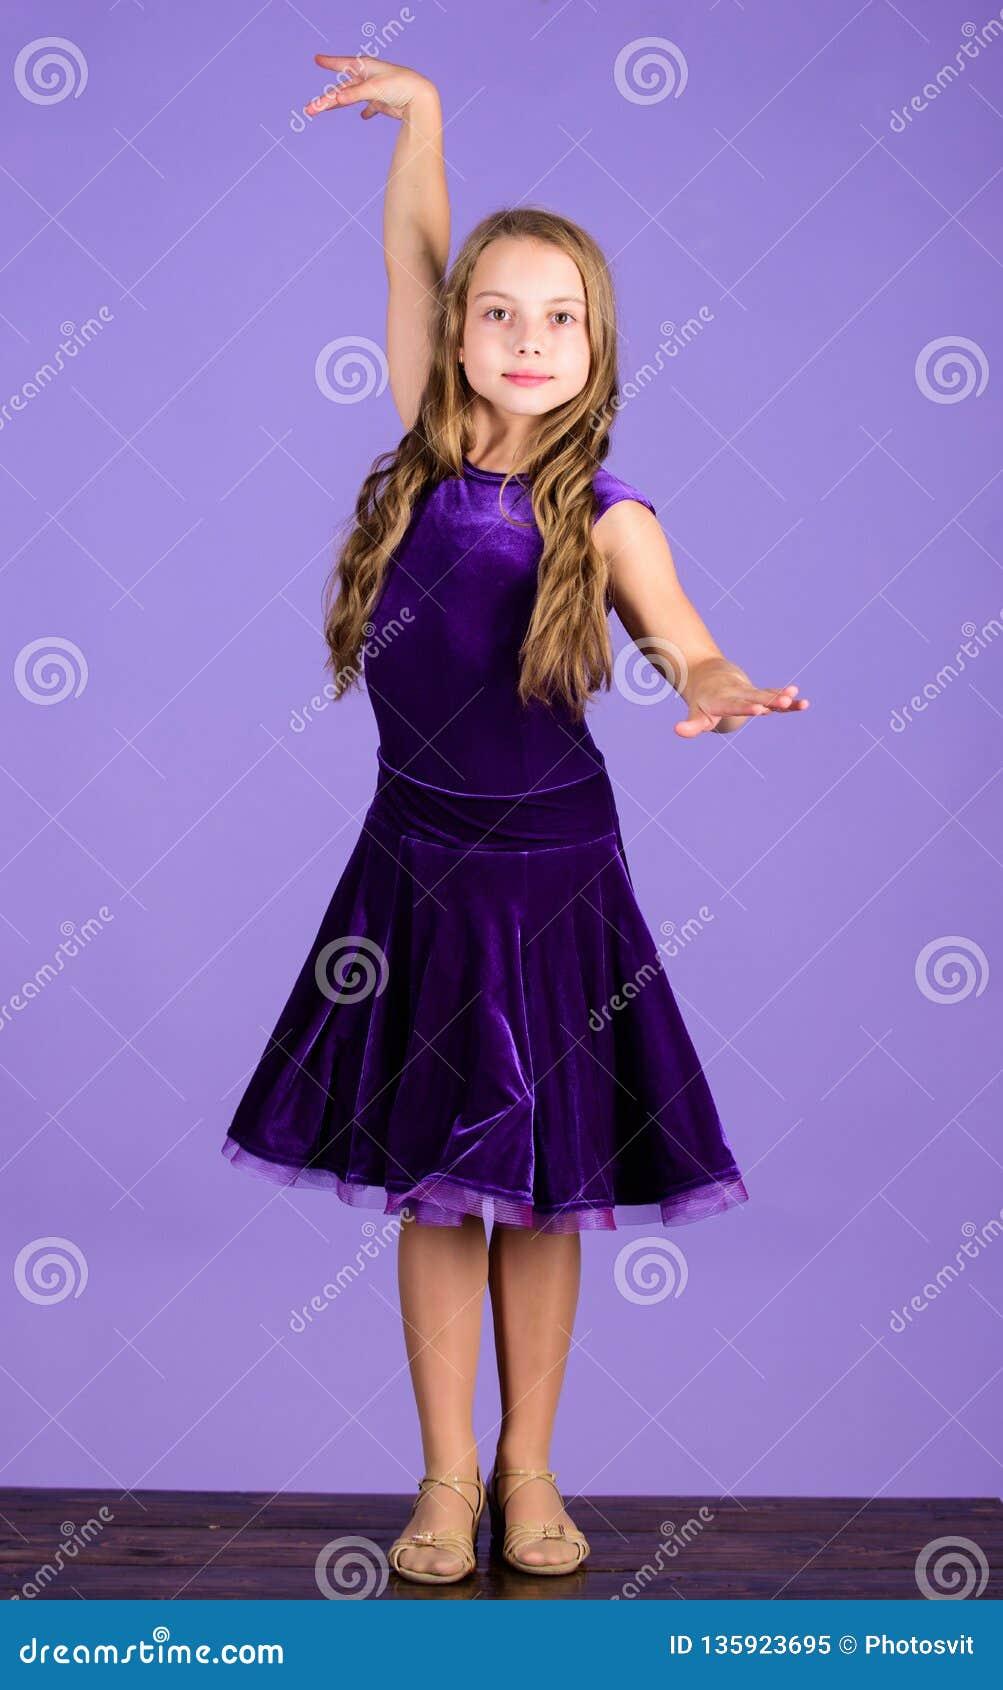 Ropa para la danza de salón de baile manera de los cabritos El vestido de moda del niño parece adorable Concepto de la moda del d